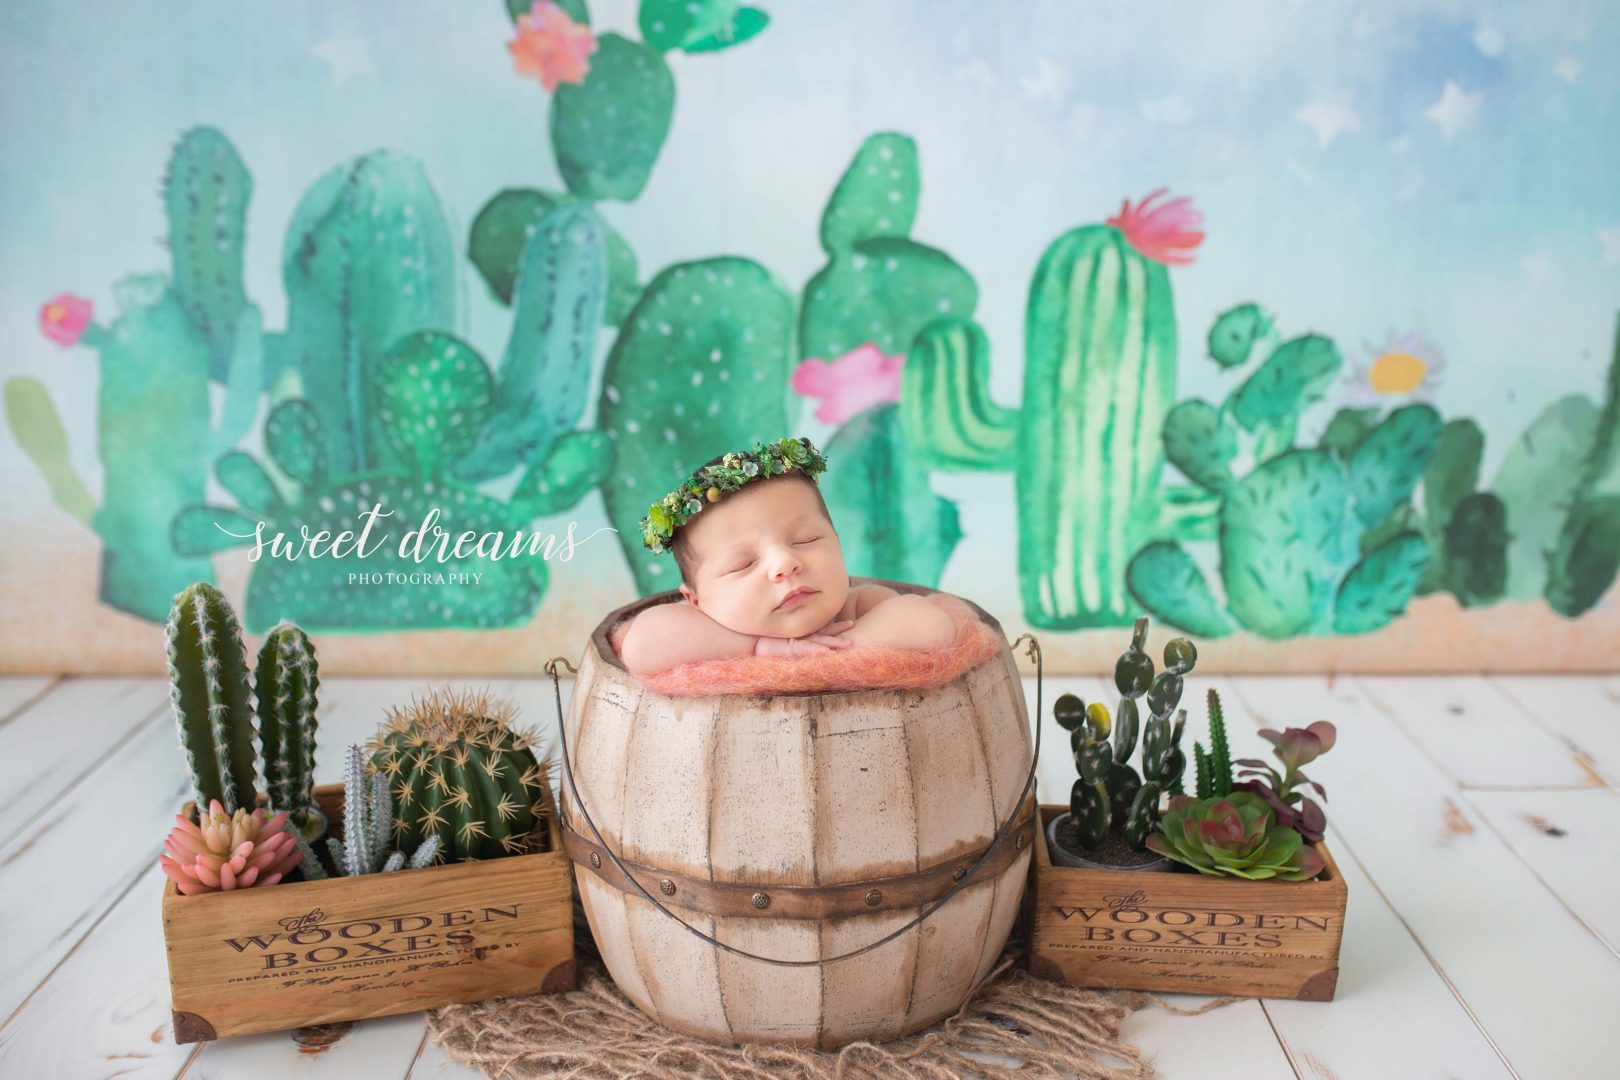 Kaktüs Temalı Bebek Fotoğrafı